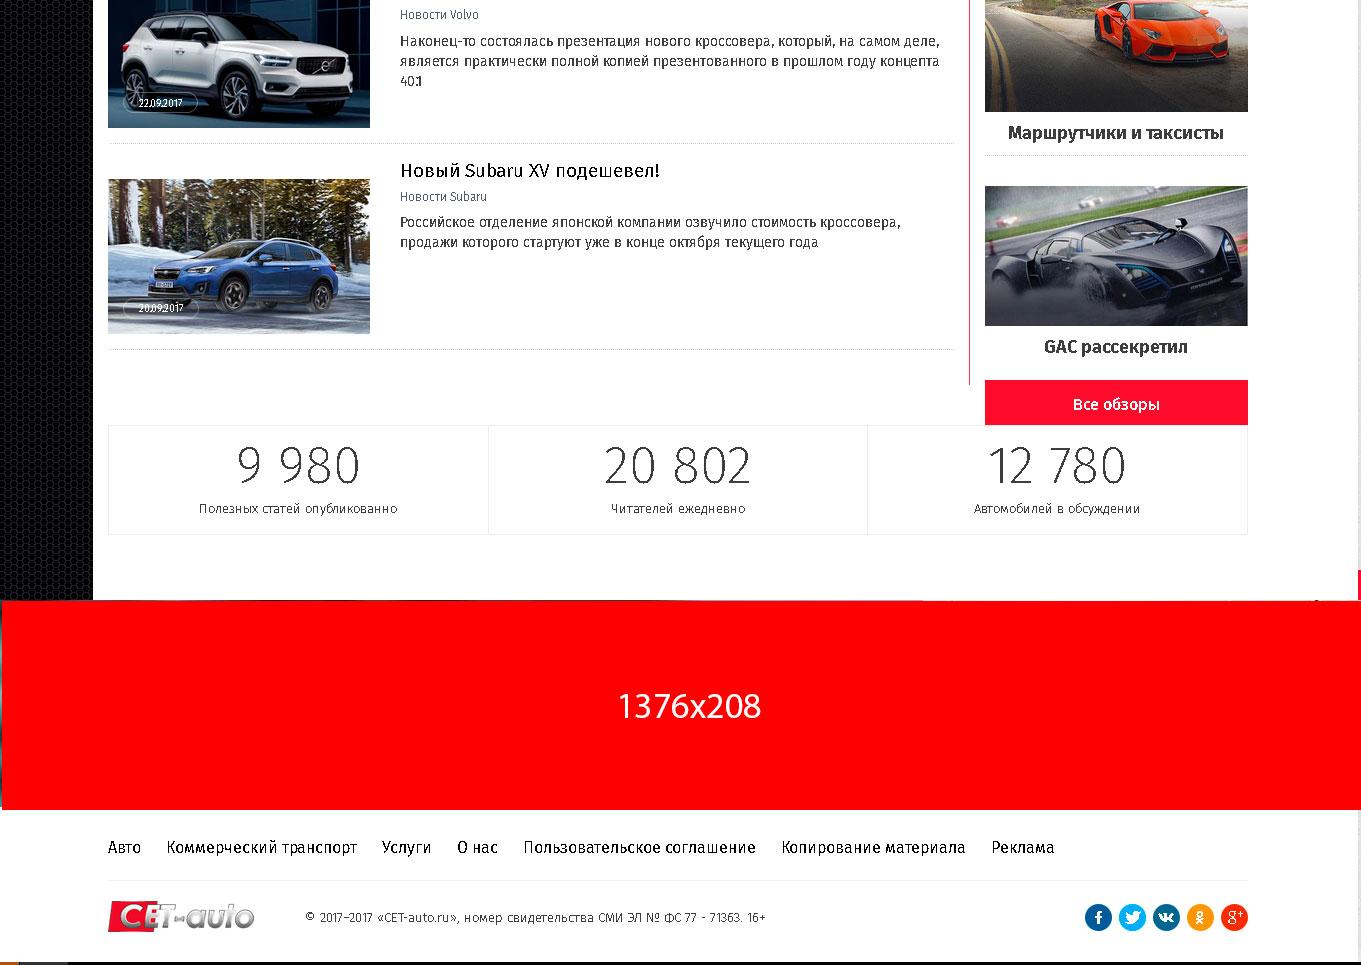 Интернет реклама нижний новгород 2009 где рекламировать реферальную ссылку